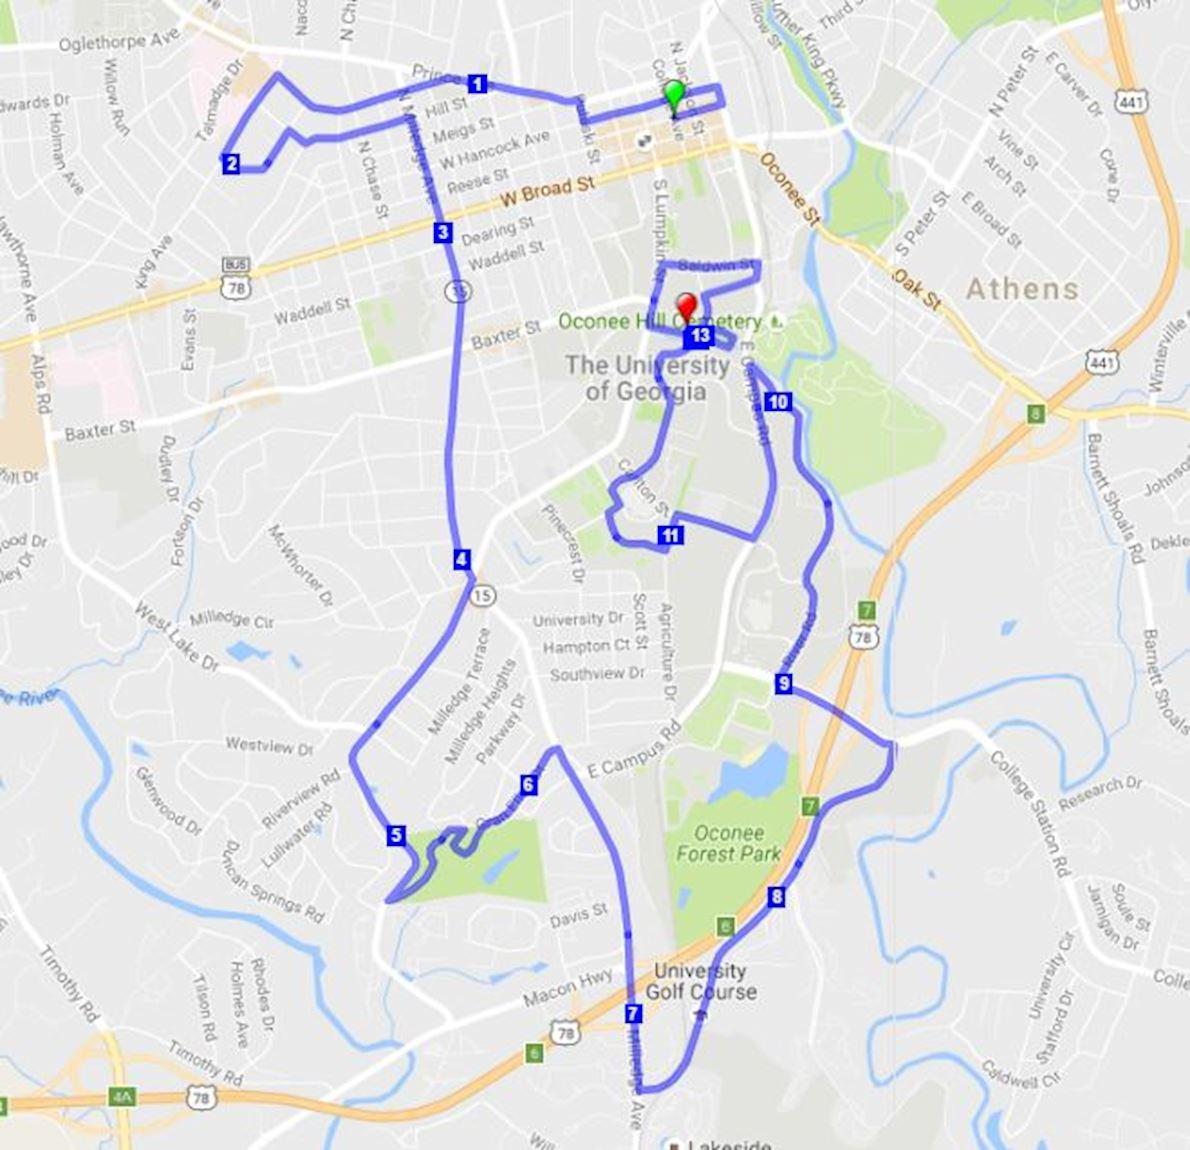 Athhalf - Athens, Georgia Half Marathon Mappa del percorso